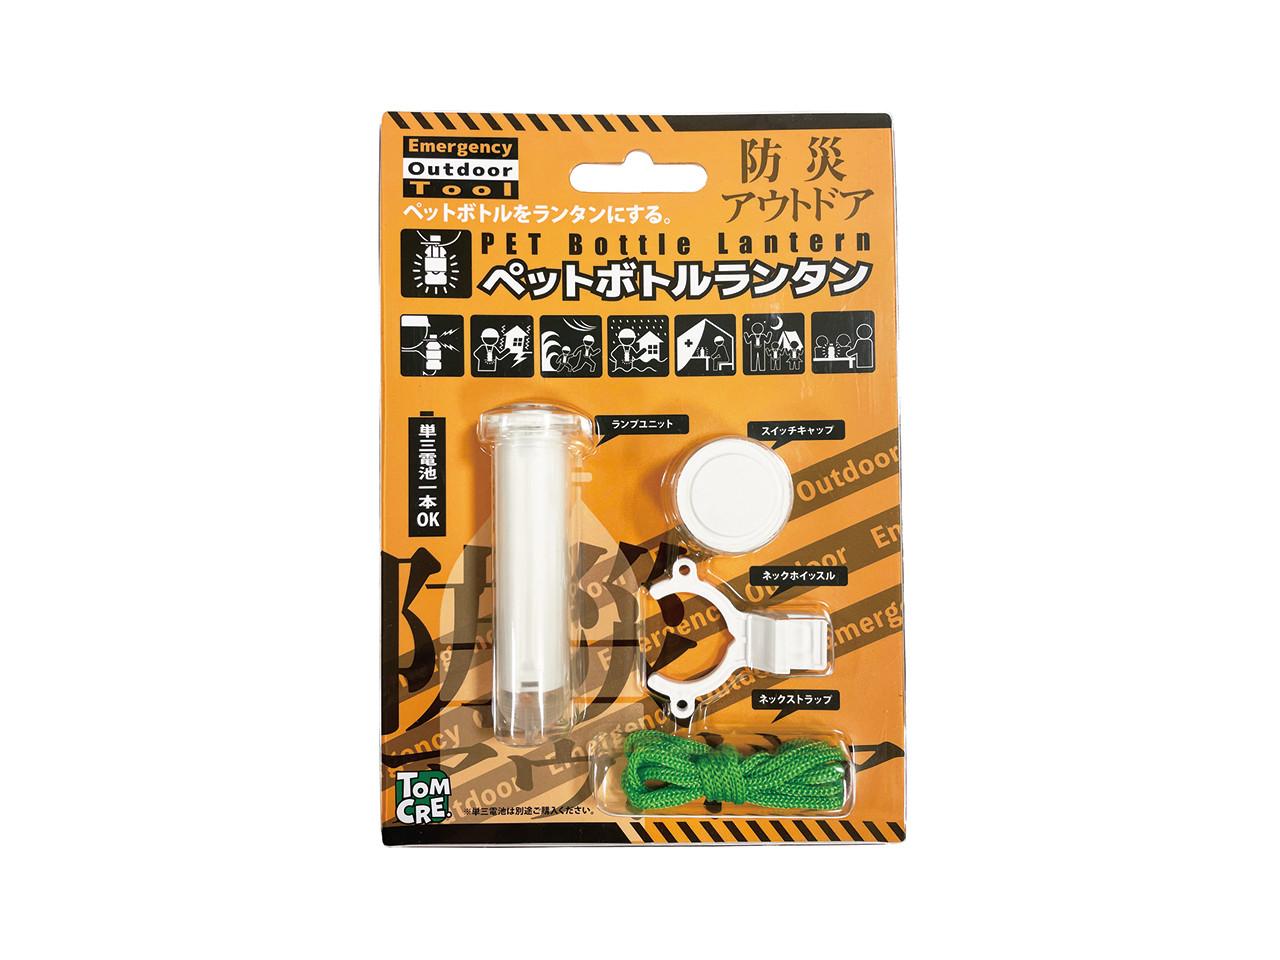 使用済みペットボトルと単三電池で簡単にランタンをつくれるエコな商品です!